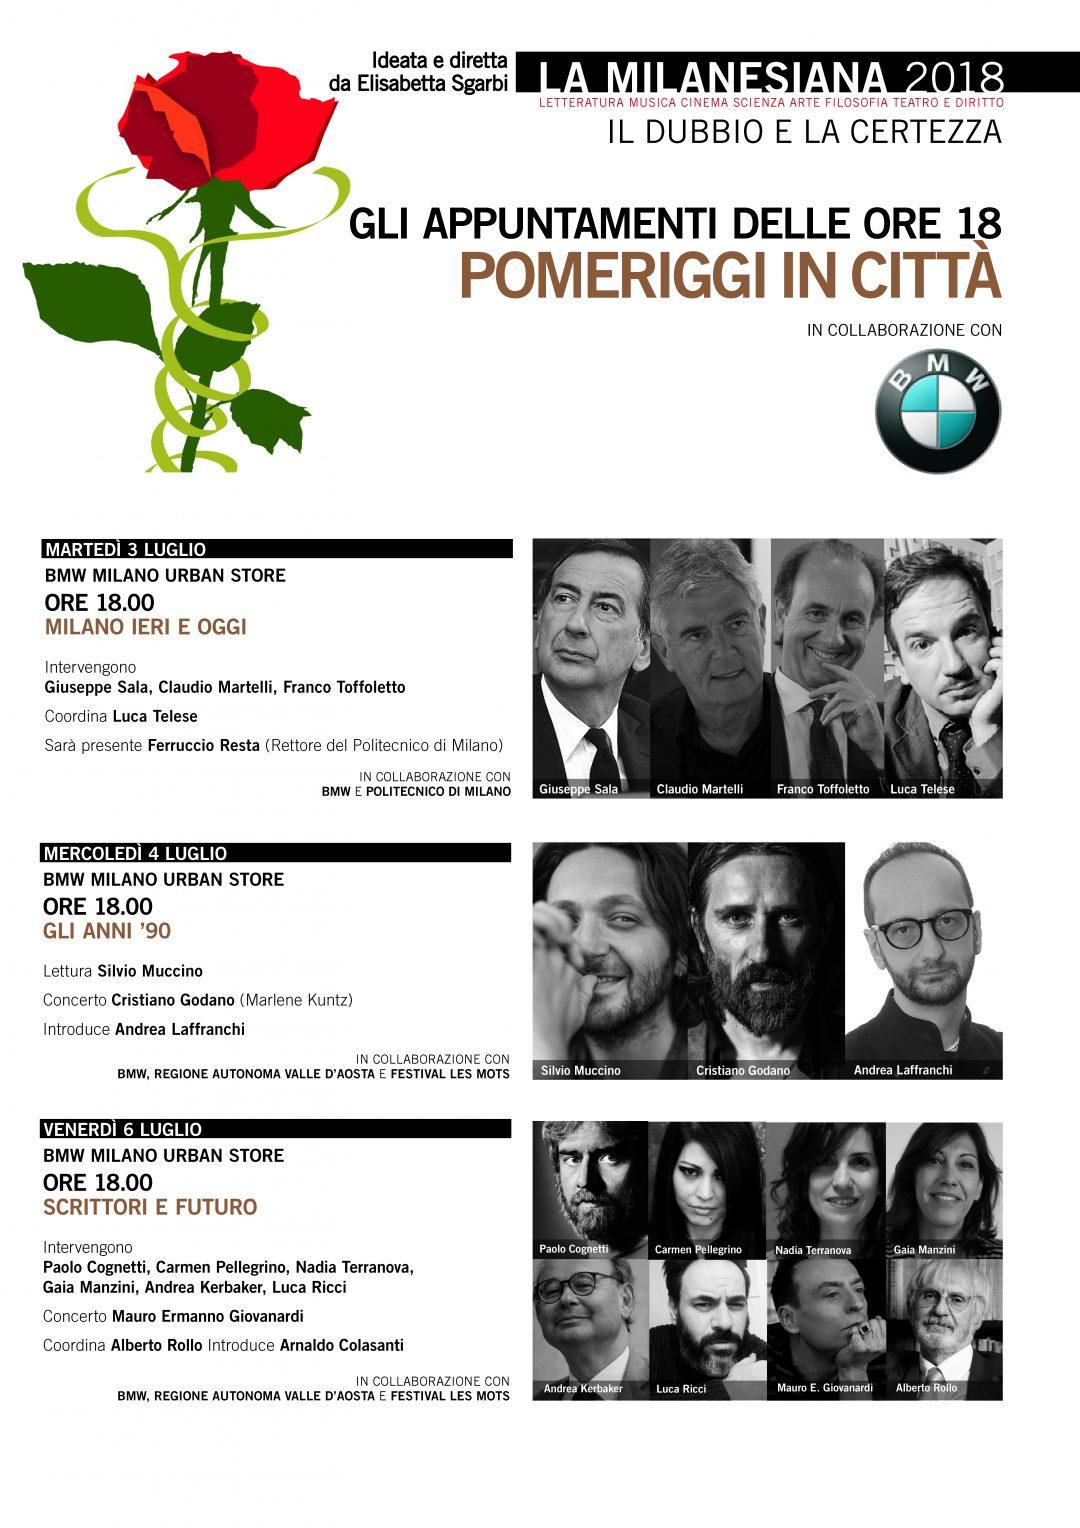 Tutti gli appuntamenti della Milanesiana presso il BMW Milano Urban Store di via De Amicis 20/22.